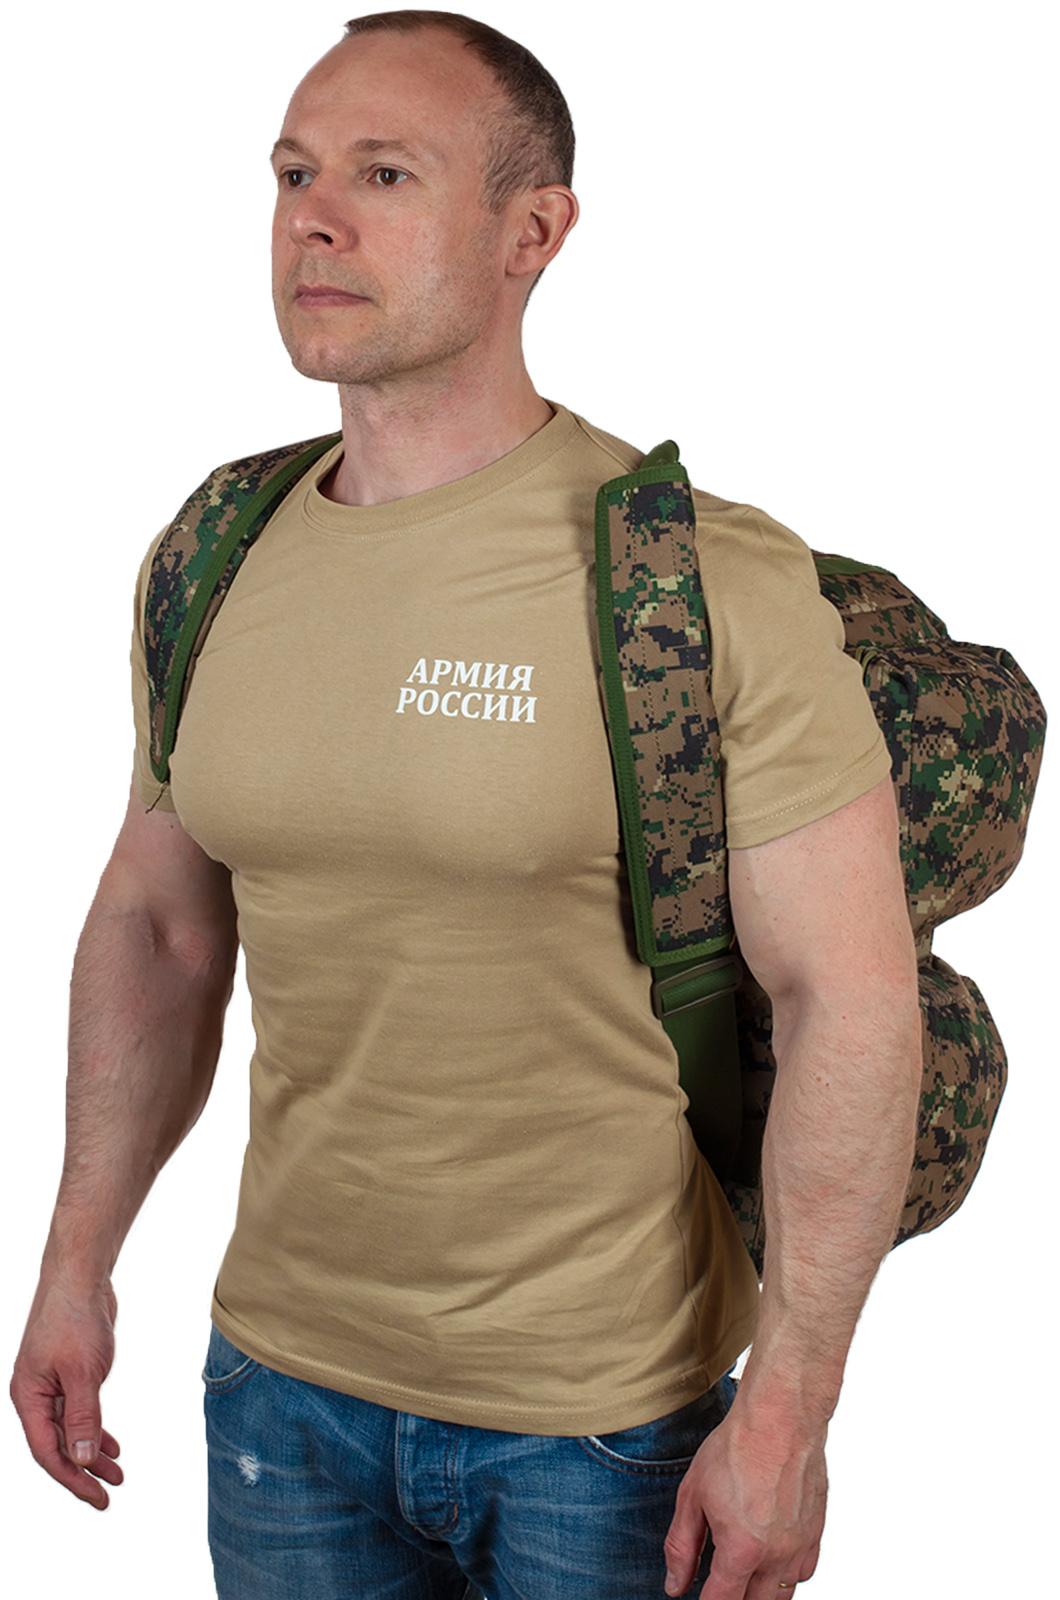 Заплечная тактическая сумка-баул РХБЗ - заказать с доставкой